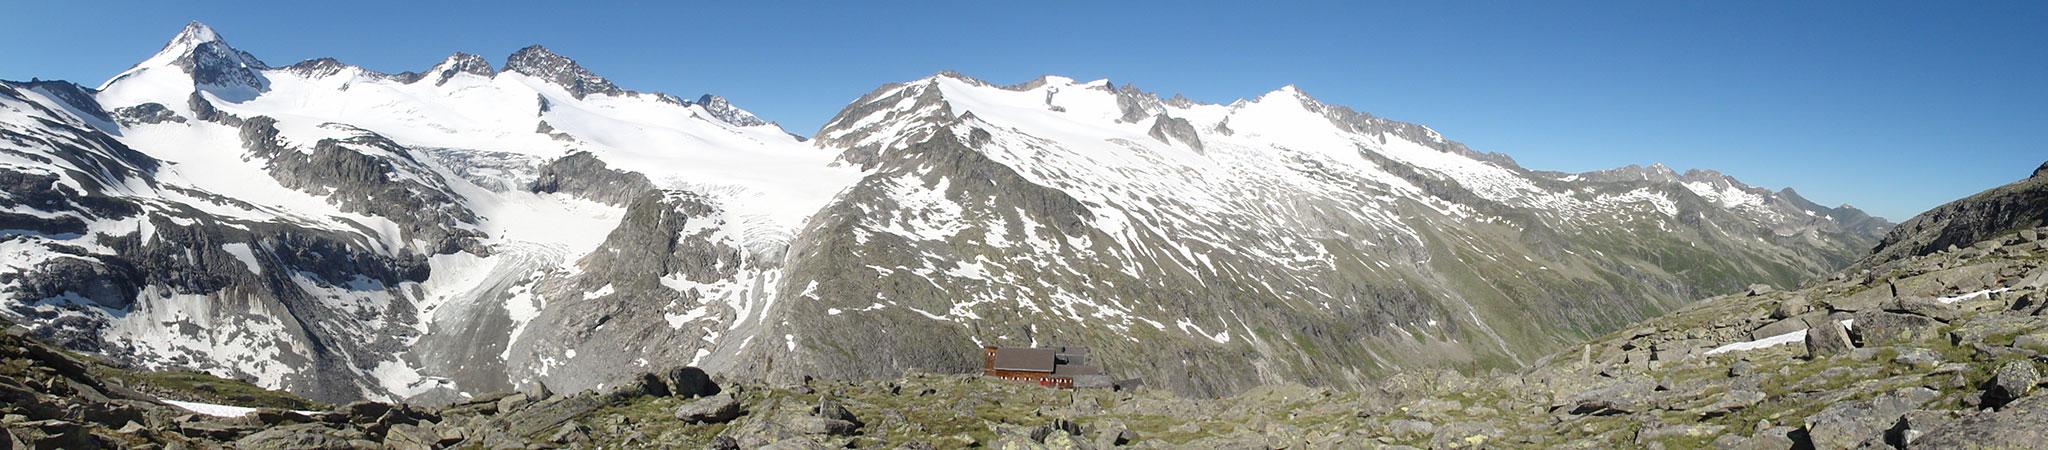 Arnoweg: Die Kürsinger Hütte ist der perfekte Ausgangspunkt für viele Hochtouren in der Großvenedigergruppe.